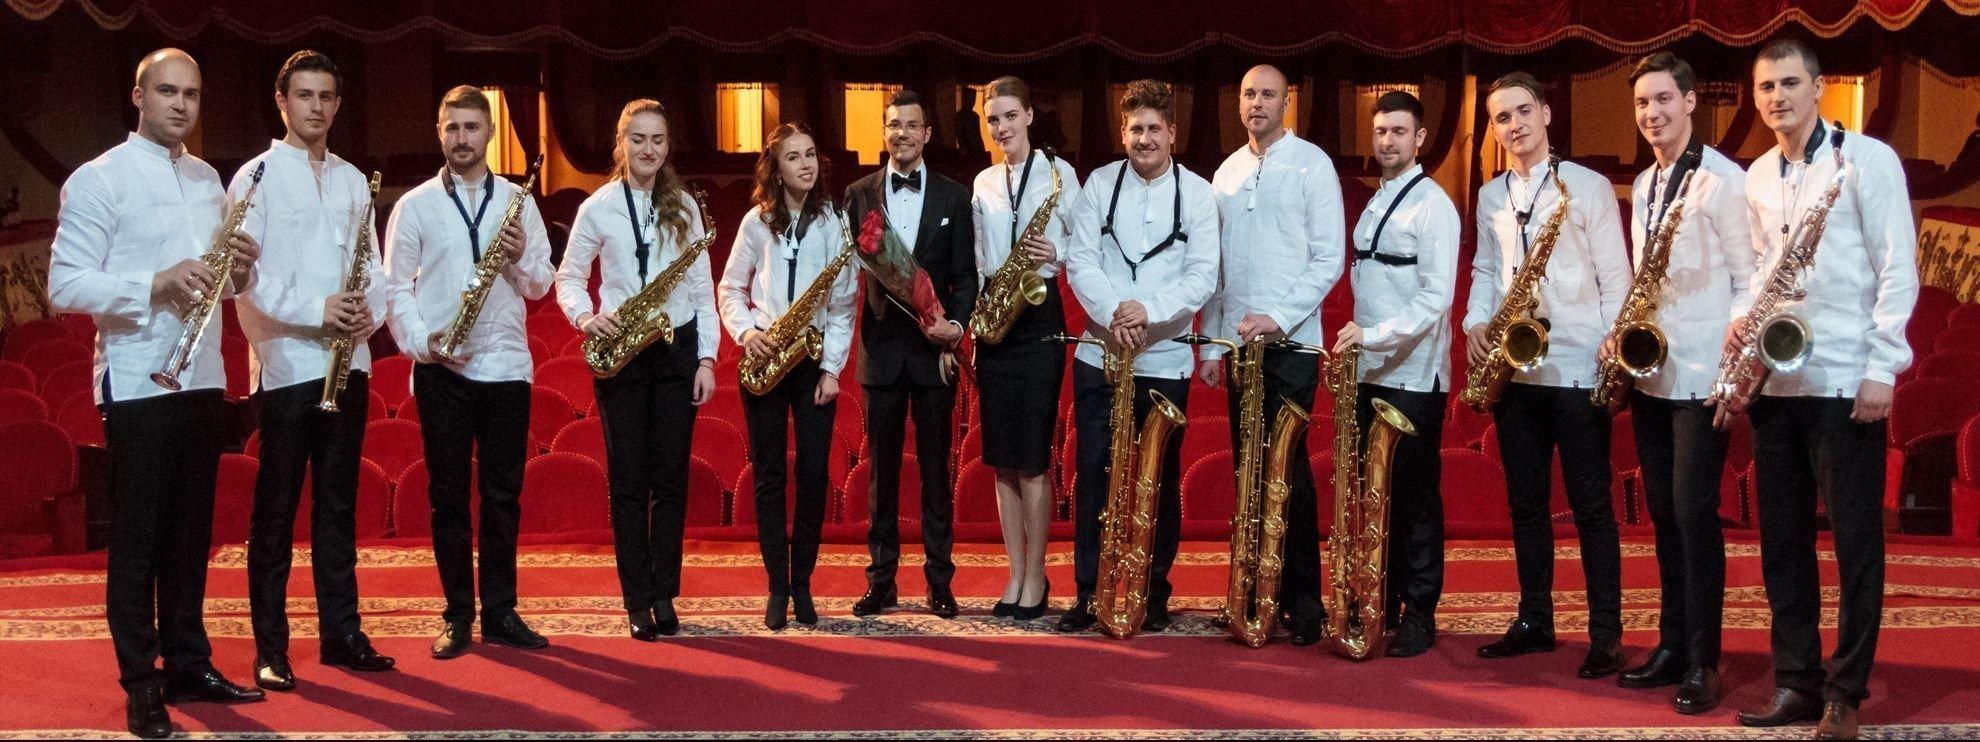 виконавець Ukrainian Saxophone Ensemble (Український ансамбль саксофонів)